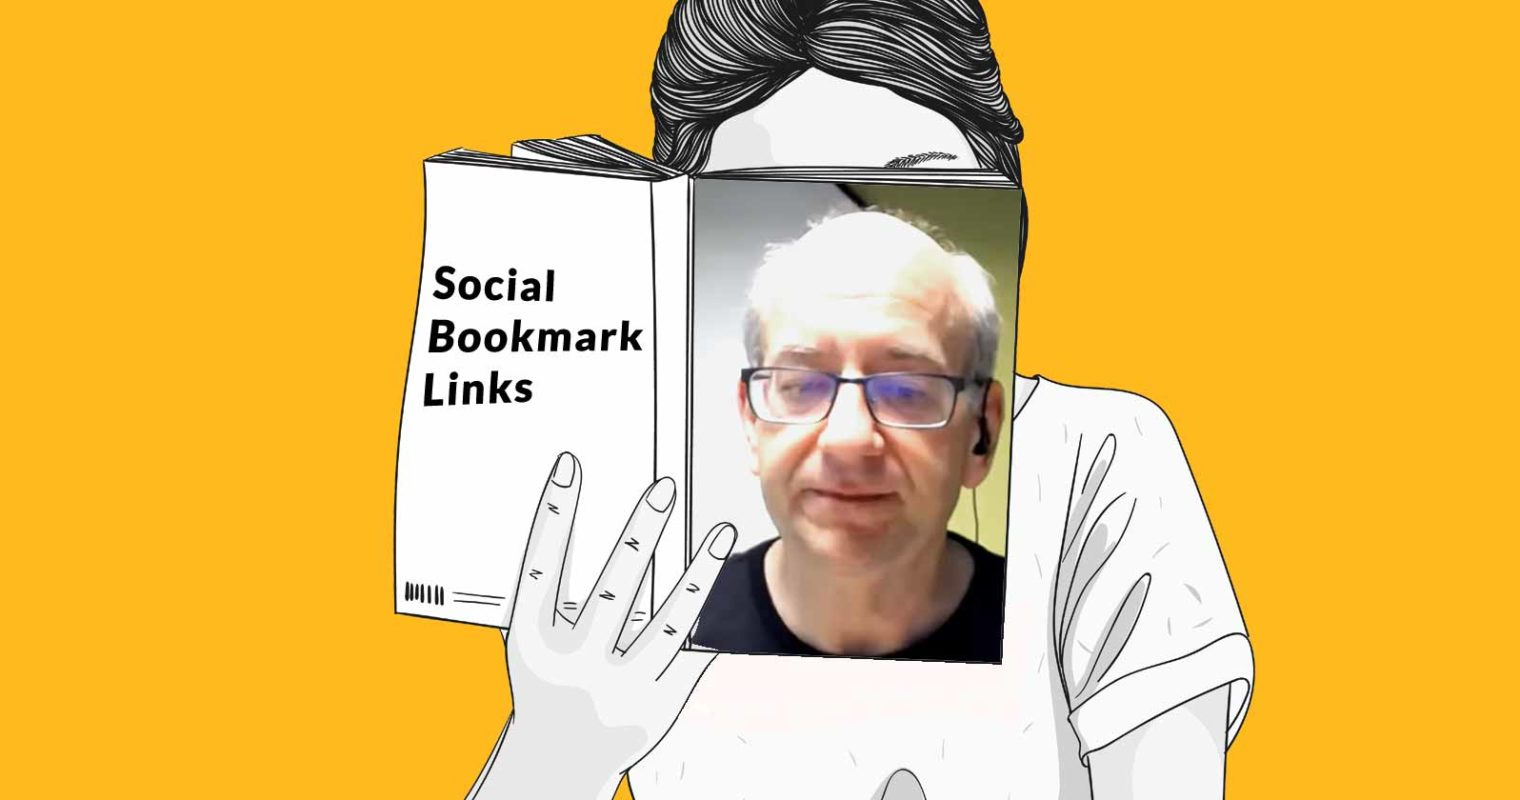 Google's John Mueller on Social Bookmarking for Links